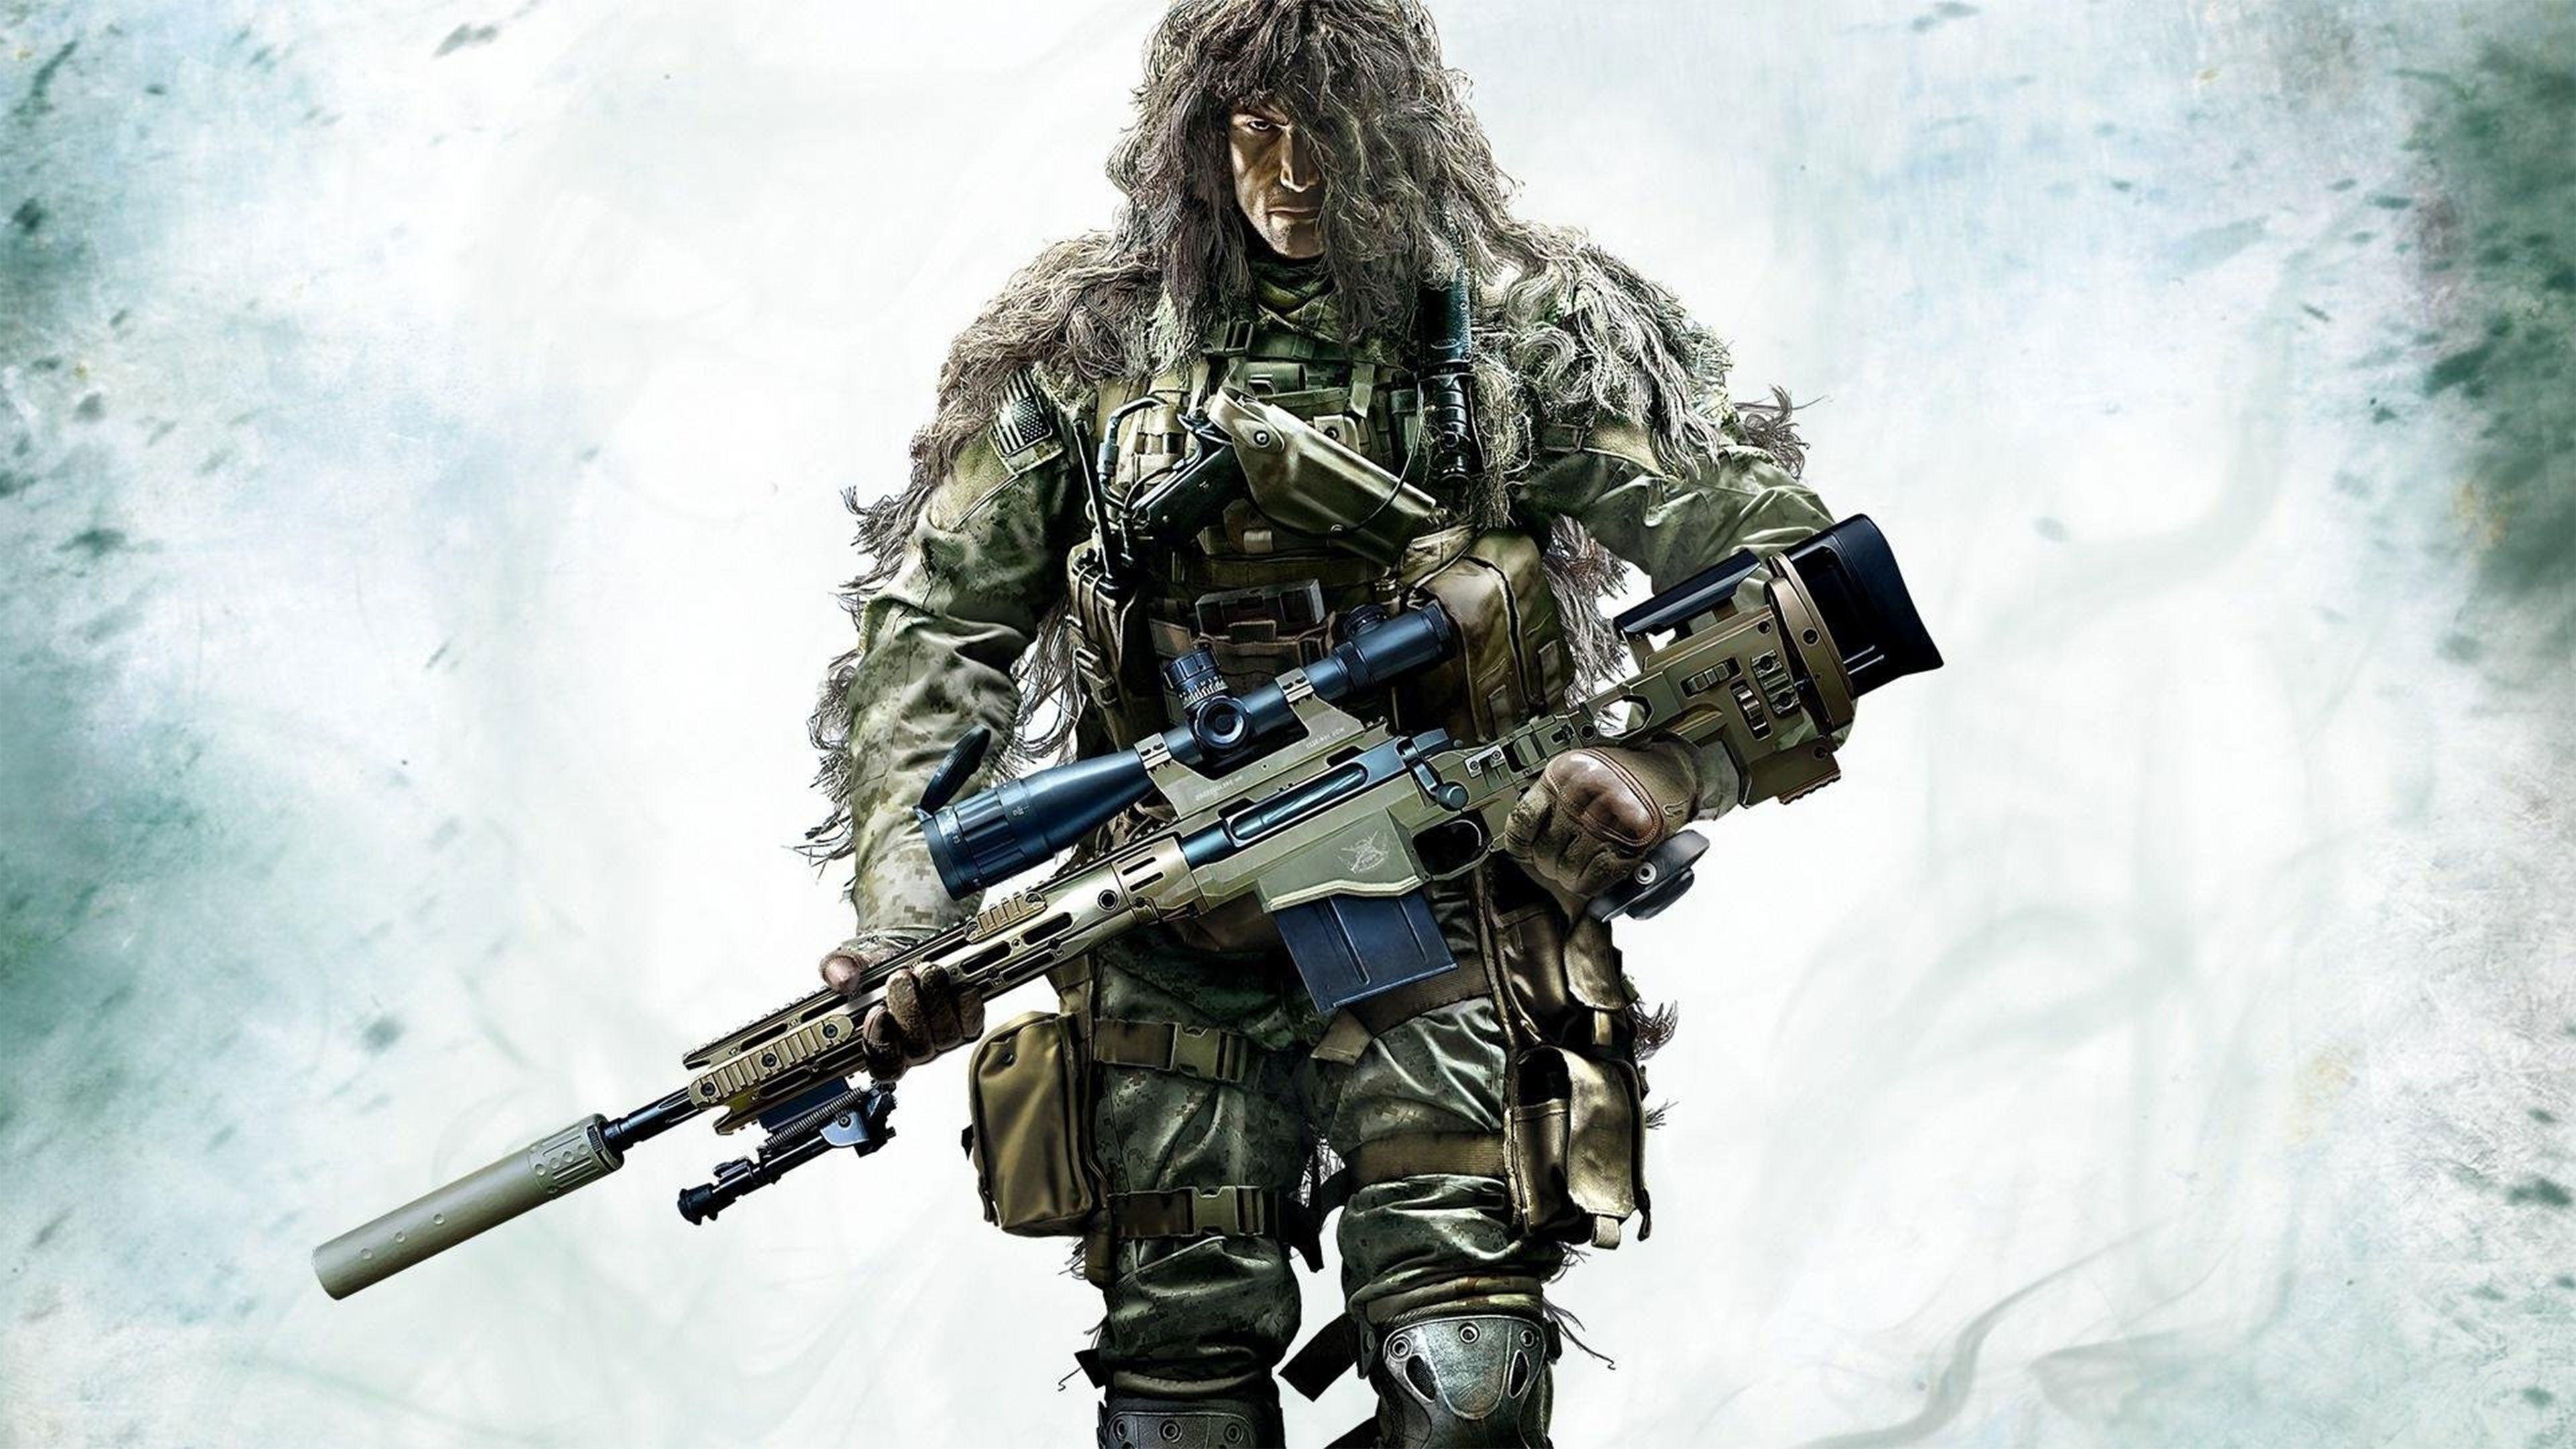 Sniper-Ghost-Warrior-3-4K-Wallpaper.jpg (3840×2160